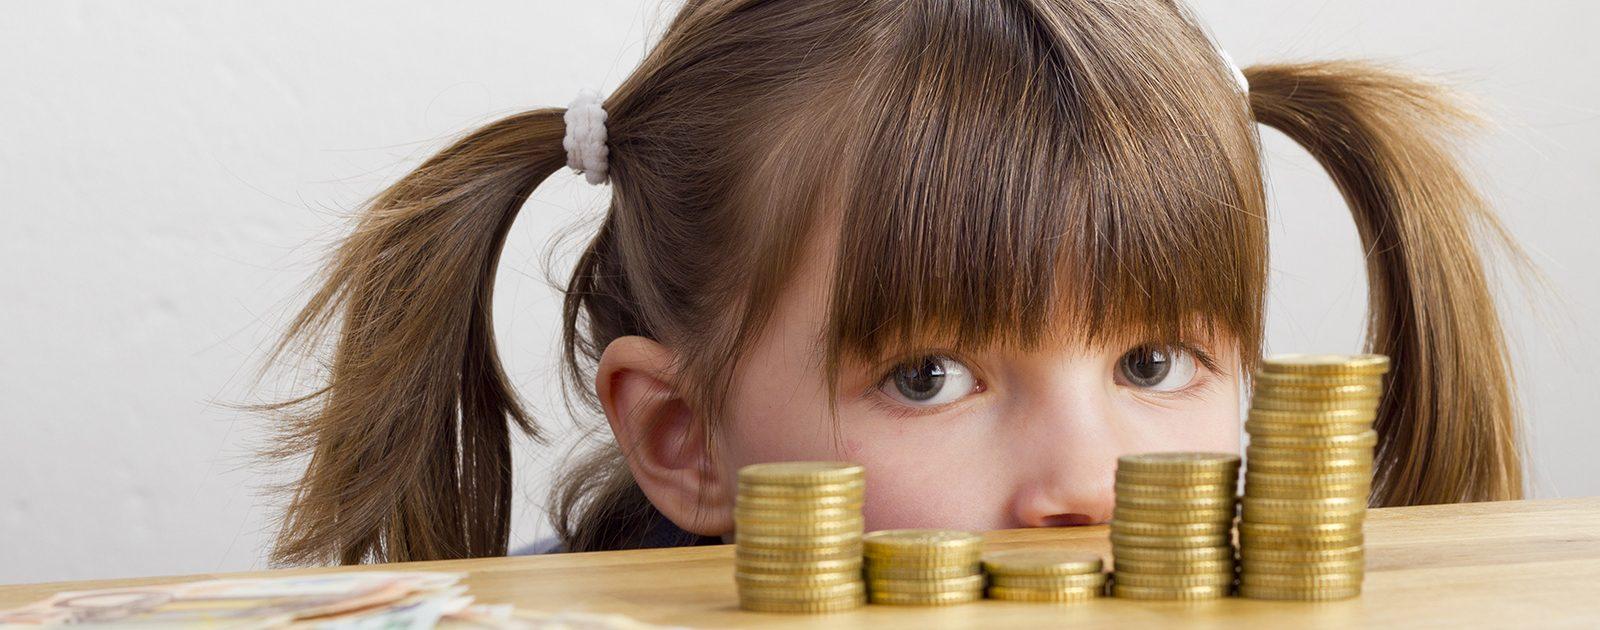 Kind vor einem gesparten Stapel Kindergeld: Dauer der Förderung